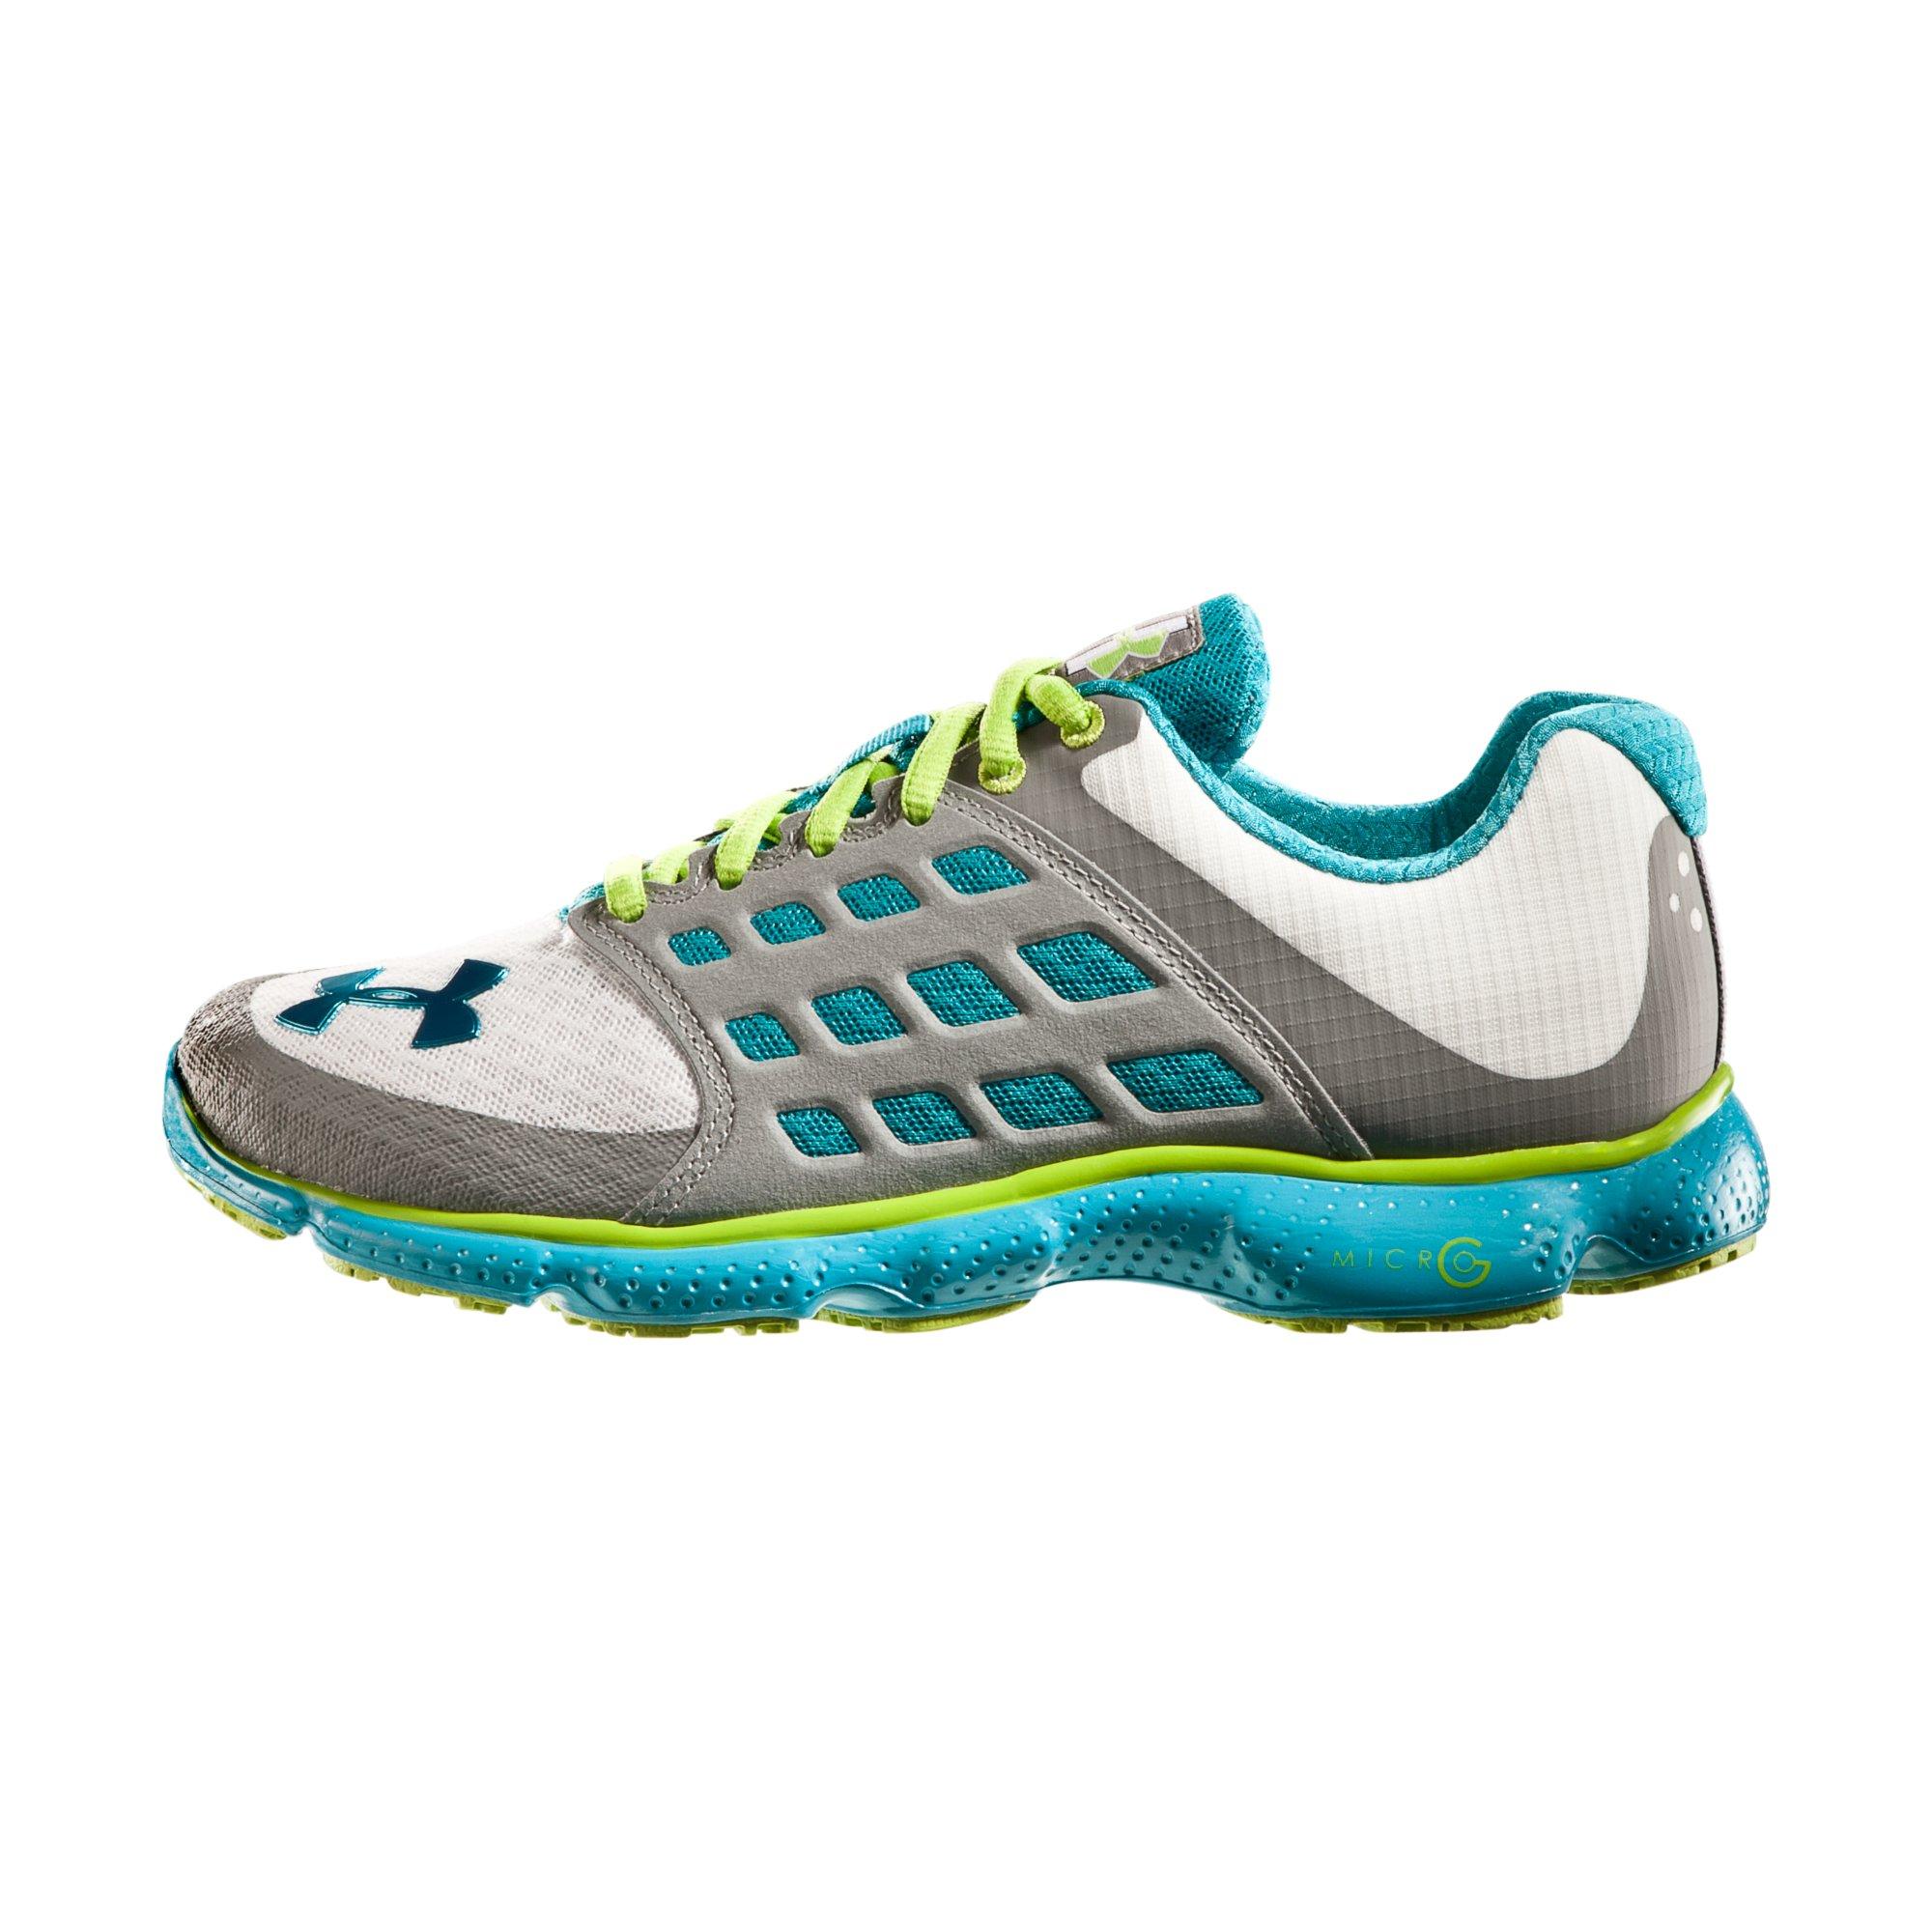 Amazing  Footwear Women S Footwear Women S Shoes Women S Athletic Shoes